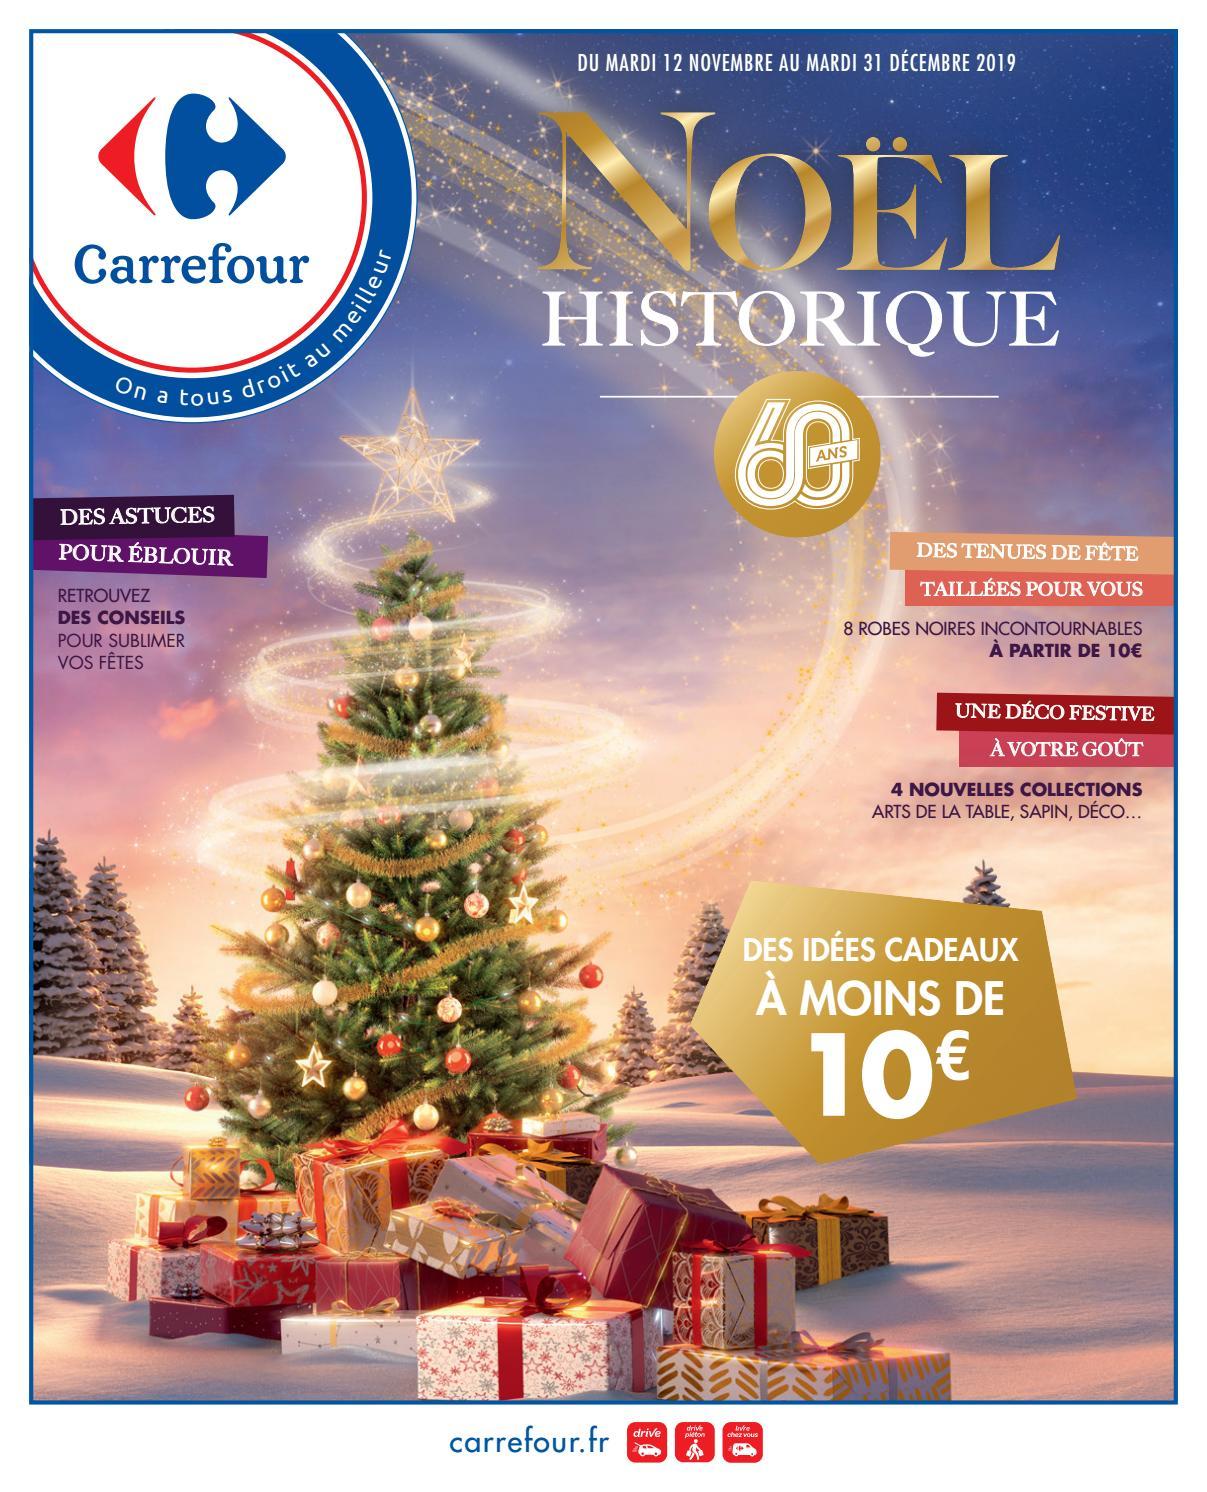 catalogue carrefour noel historique by